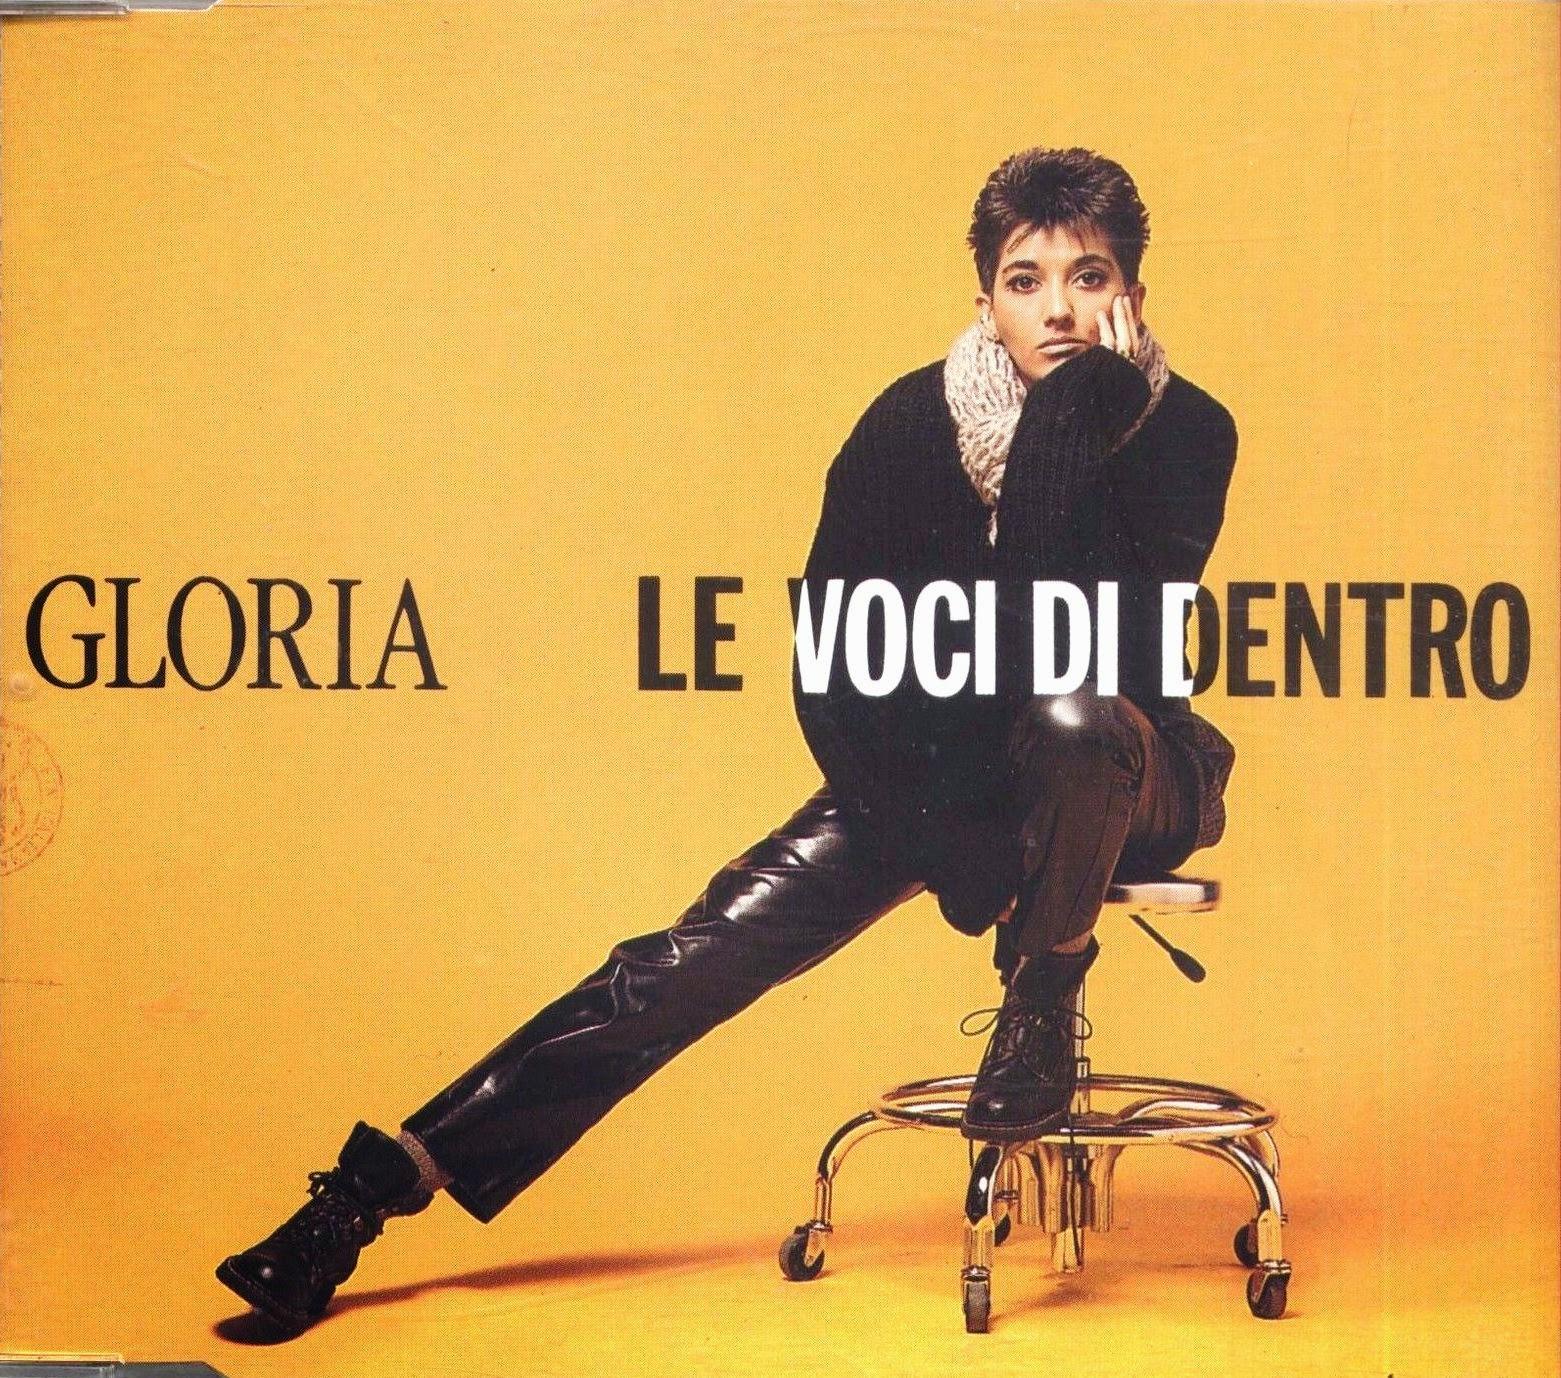 Sanremo sanremo 2015 gloria bonaveri le voci di dentro - Una finestra tra le stelle karaoke ...